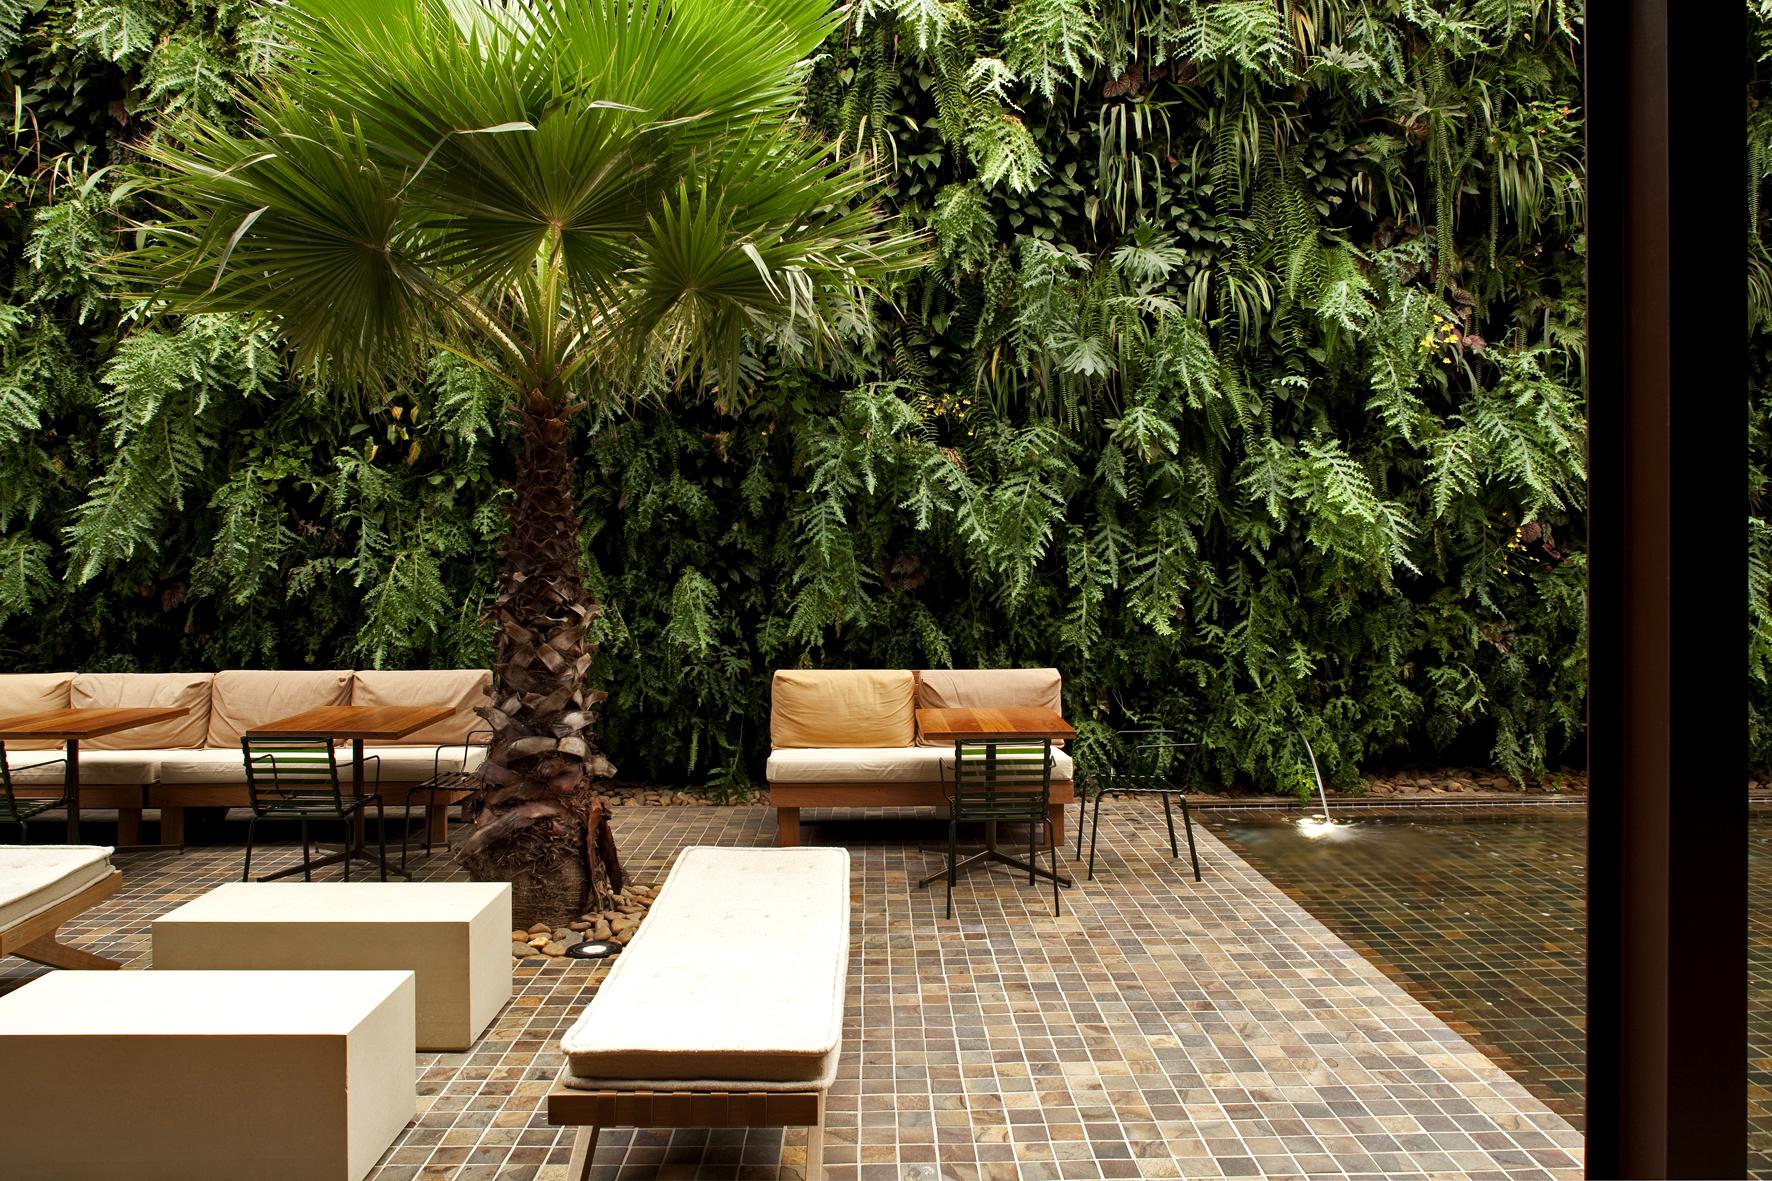 área externa com revestimento de pedra natural no piso, um exuberante jardim vertical e alguns bancos e sofás.